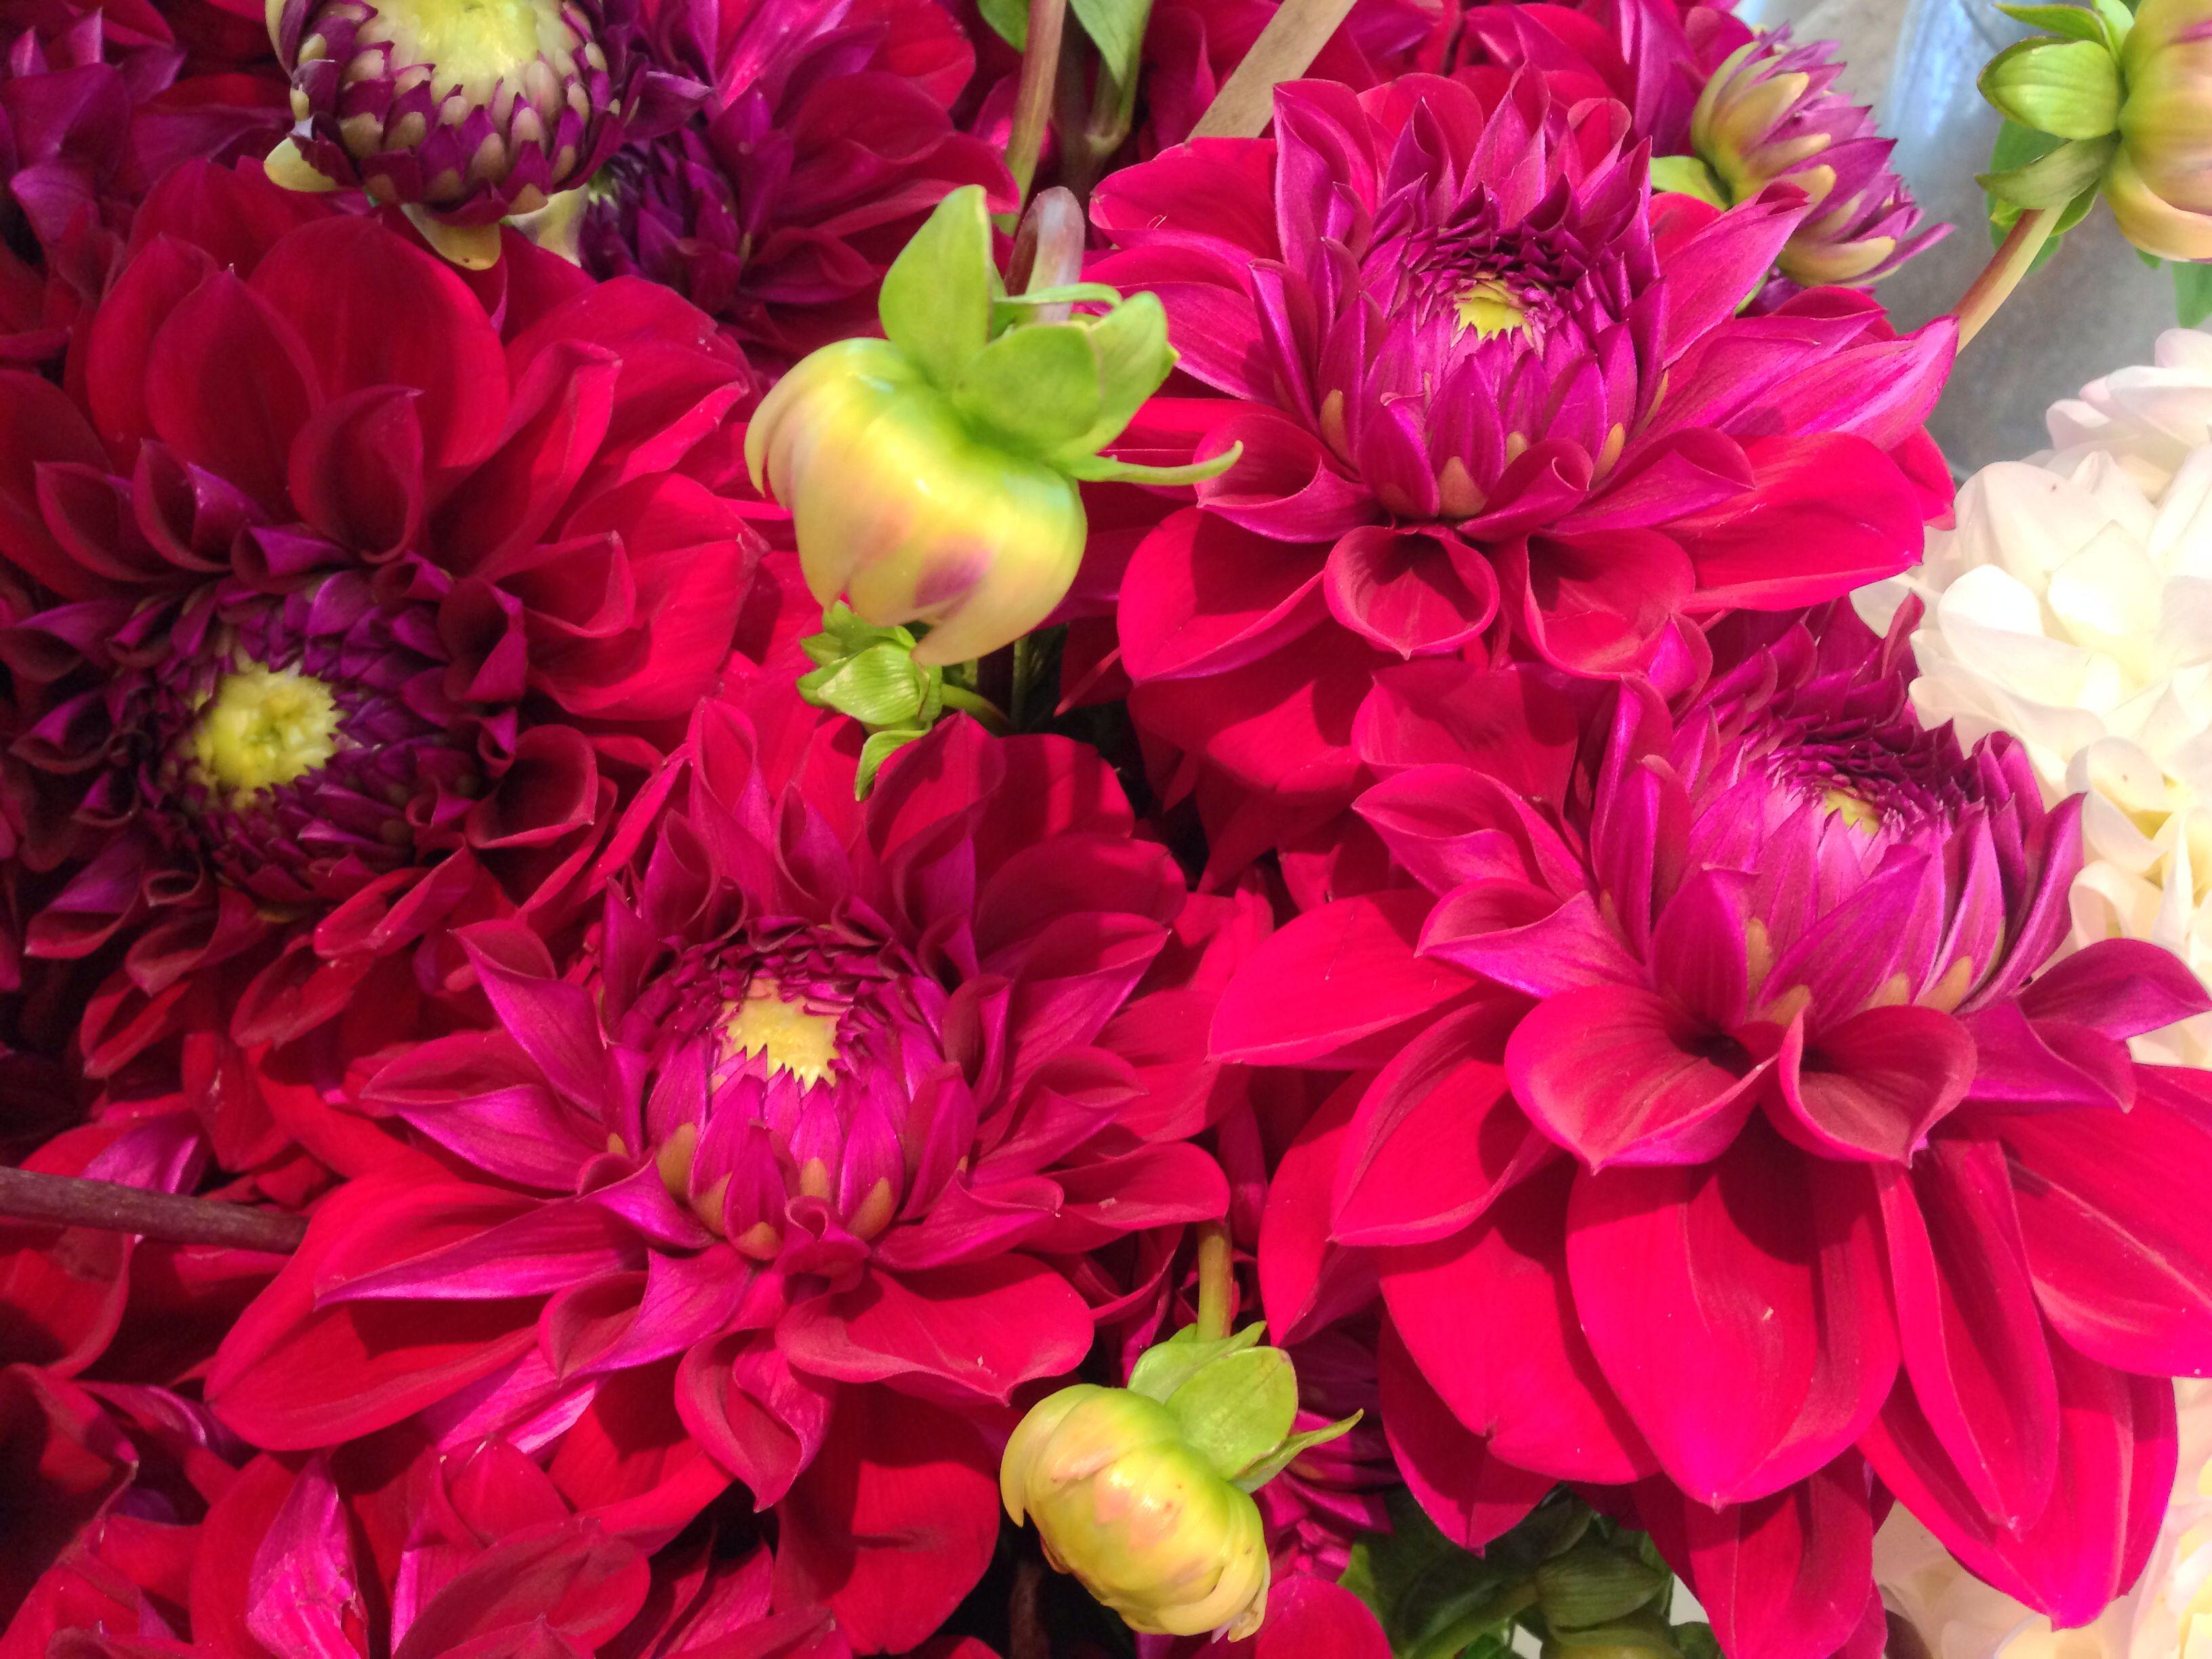 Dahlias source boutique pompon fleurs pinterest dahlia dahlia izmirmasajfo